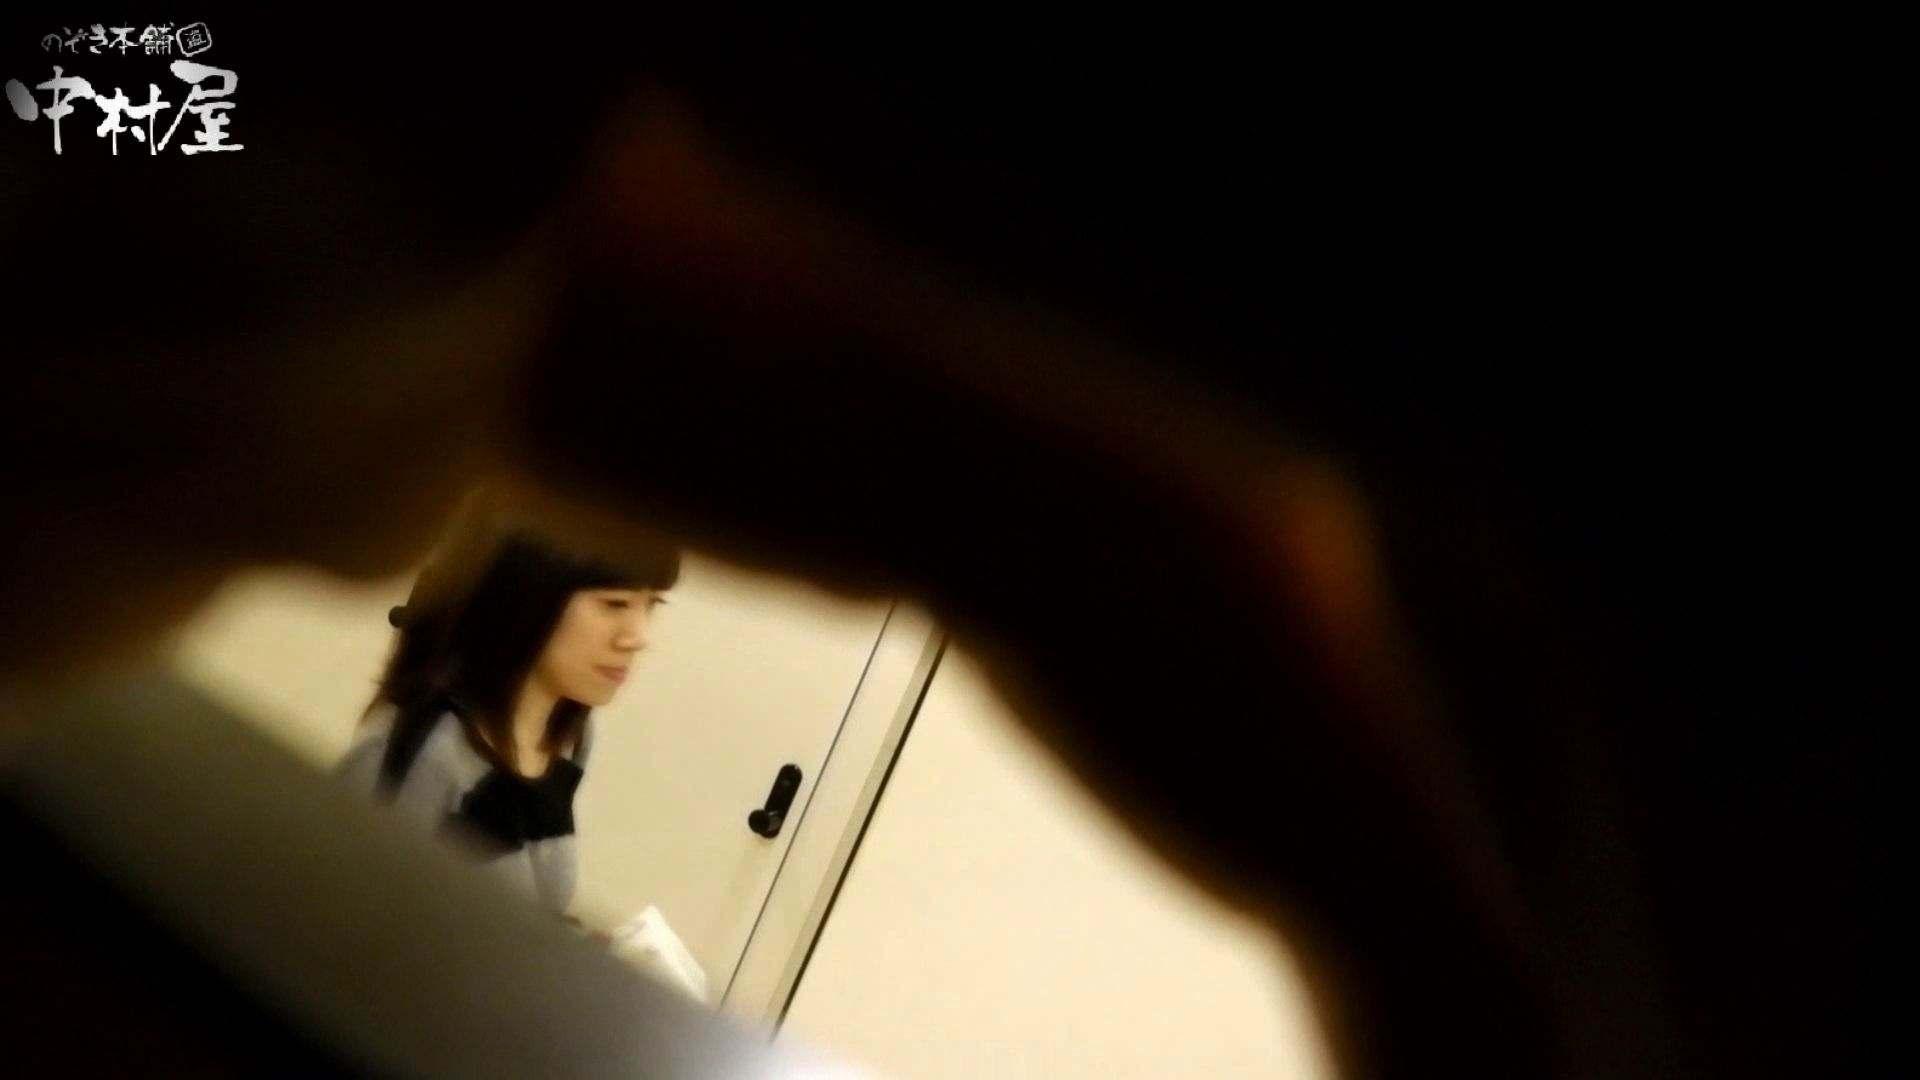 新世界の射窓 No72 モデル級なら個室から飛び出て追っかけます 0 | 洗面所  64枚